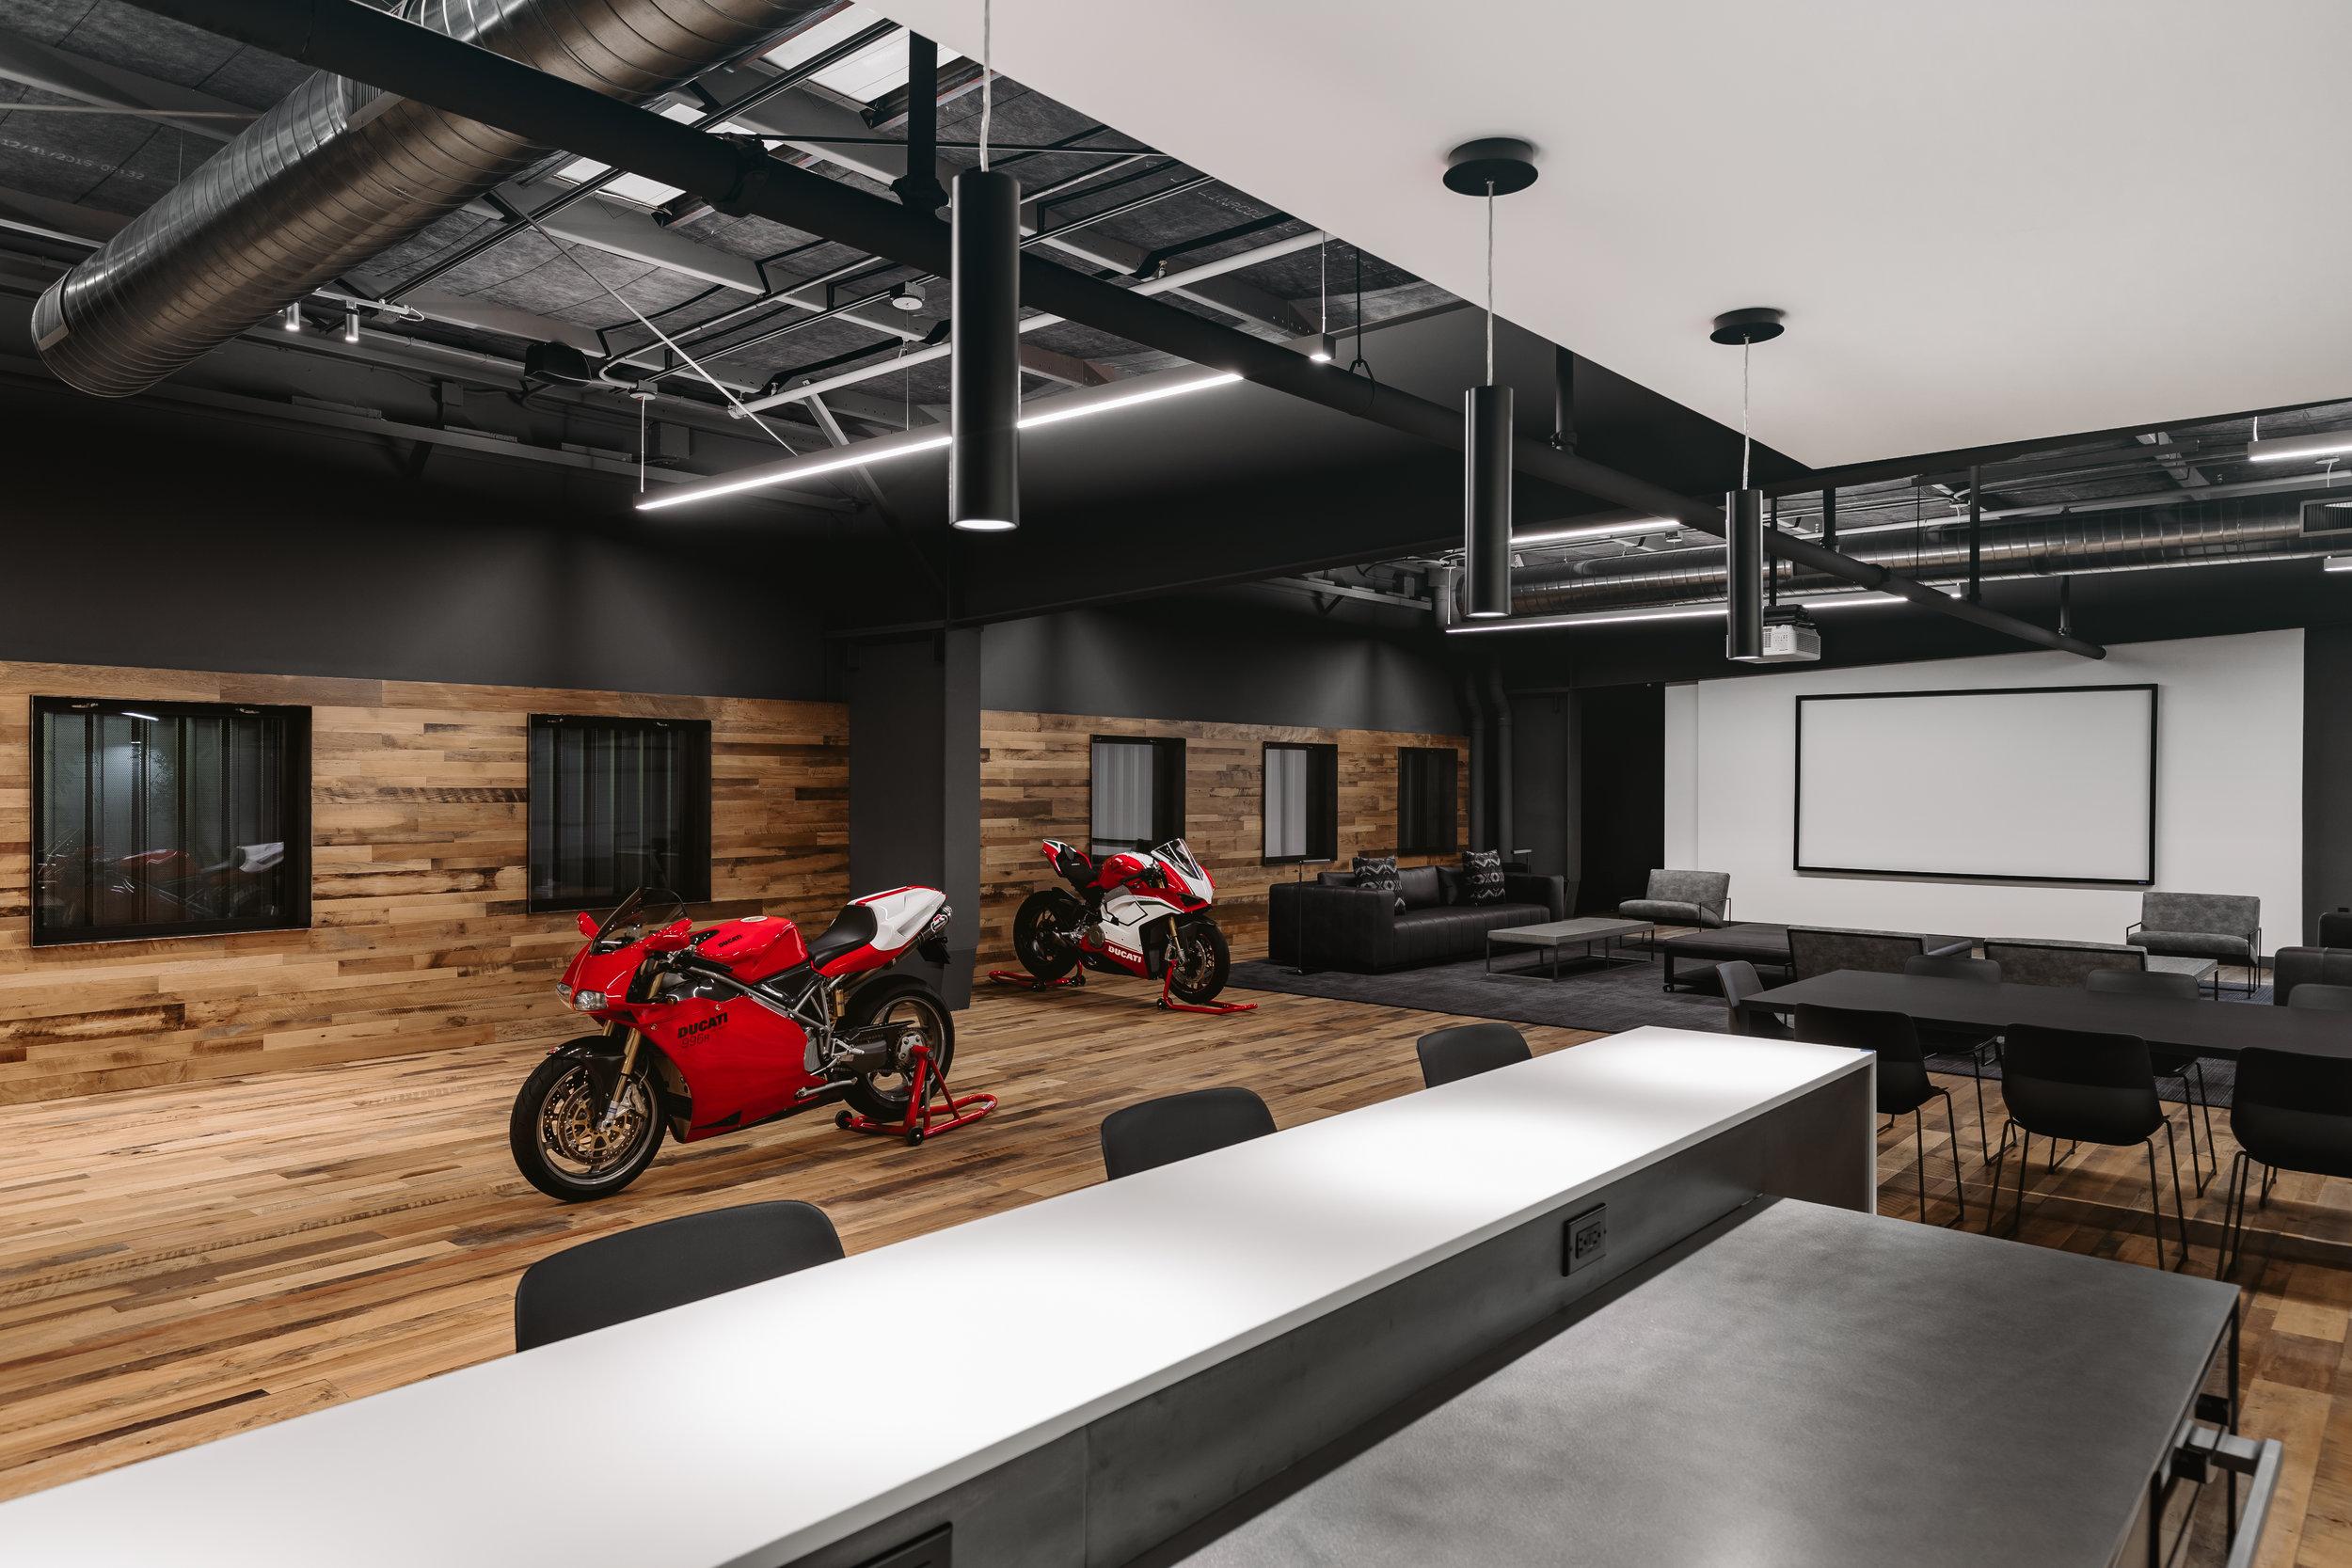 ABE1_OTTO_Building_Ducati-7.jpg